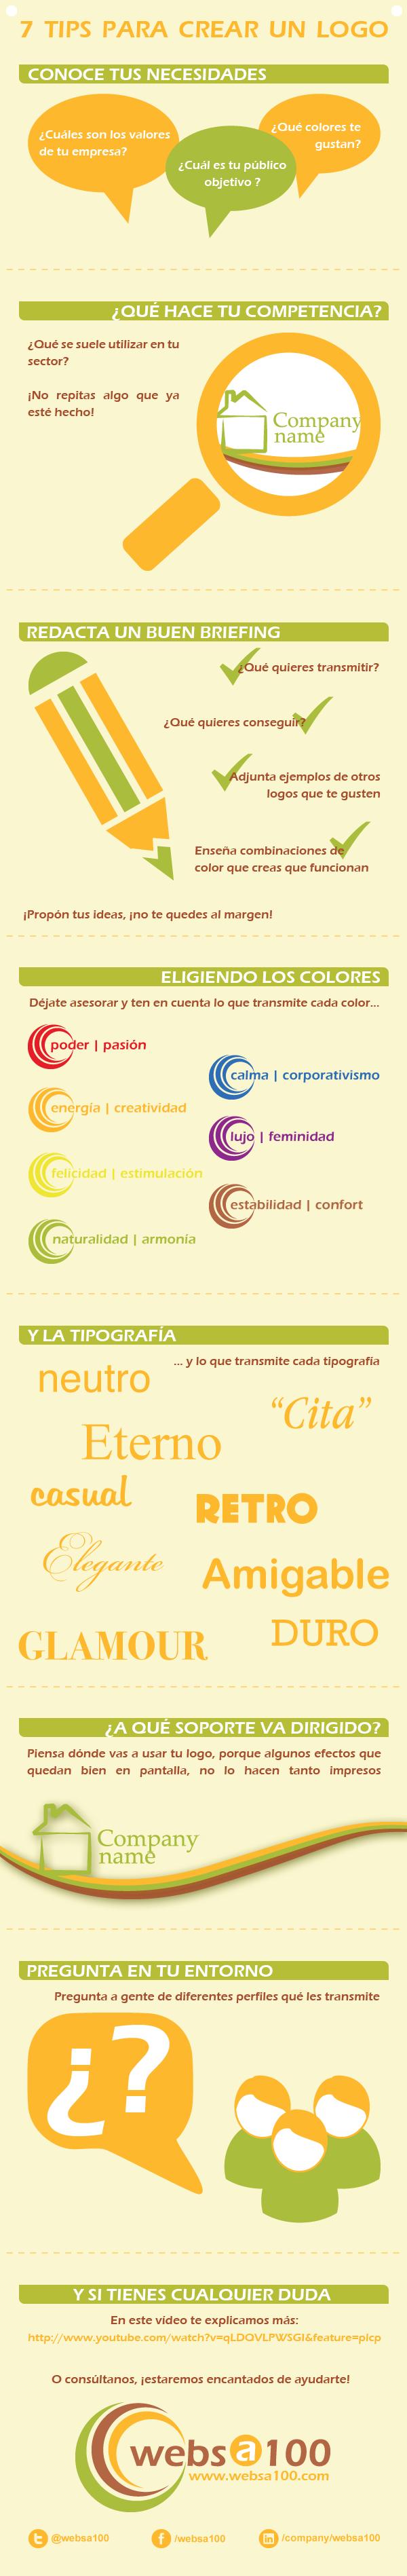 Infografia 7 tips para crear un logotipo